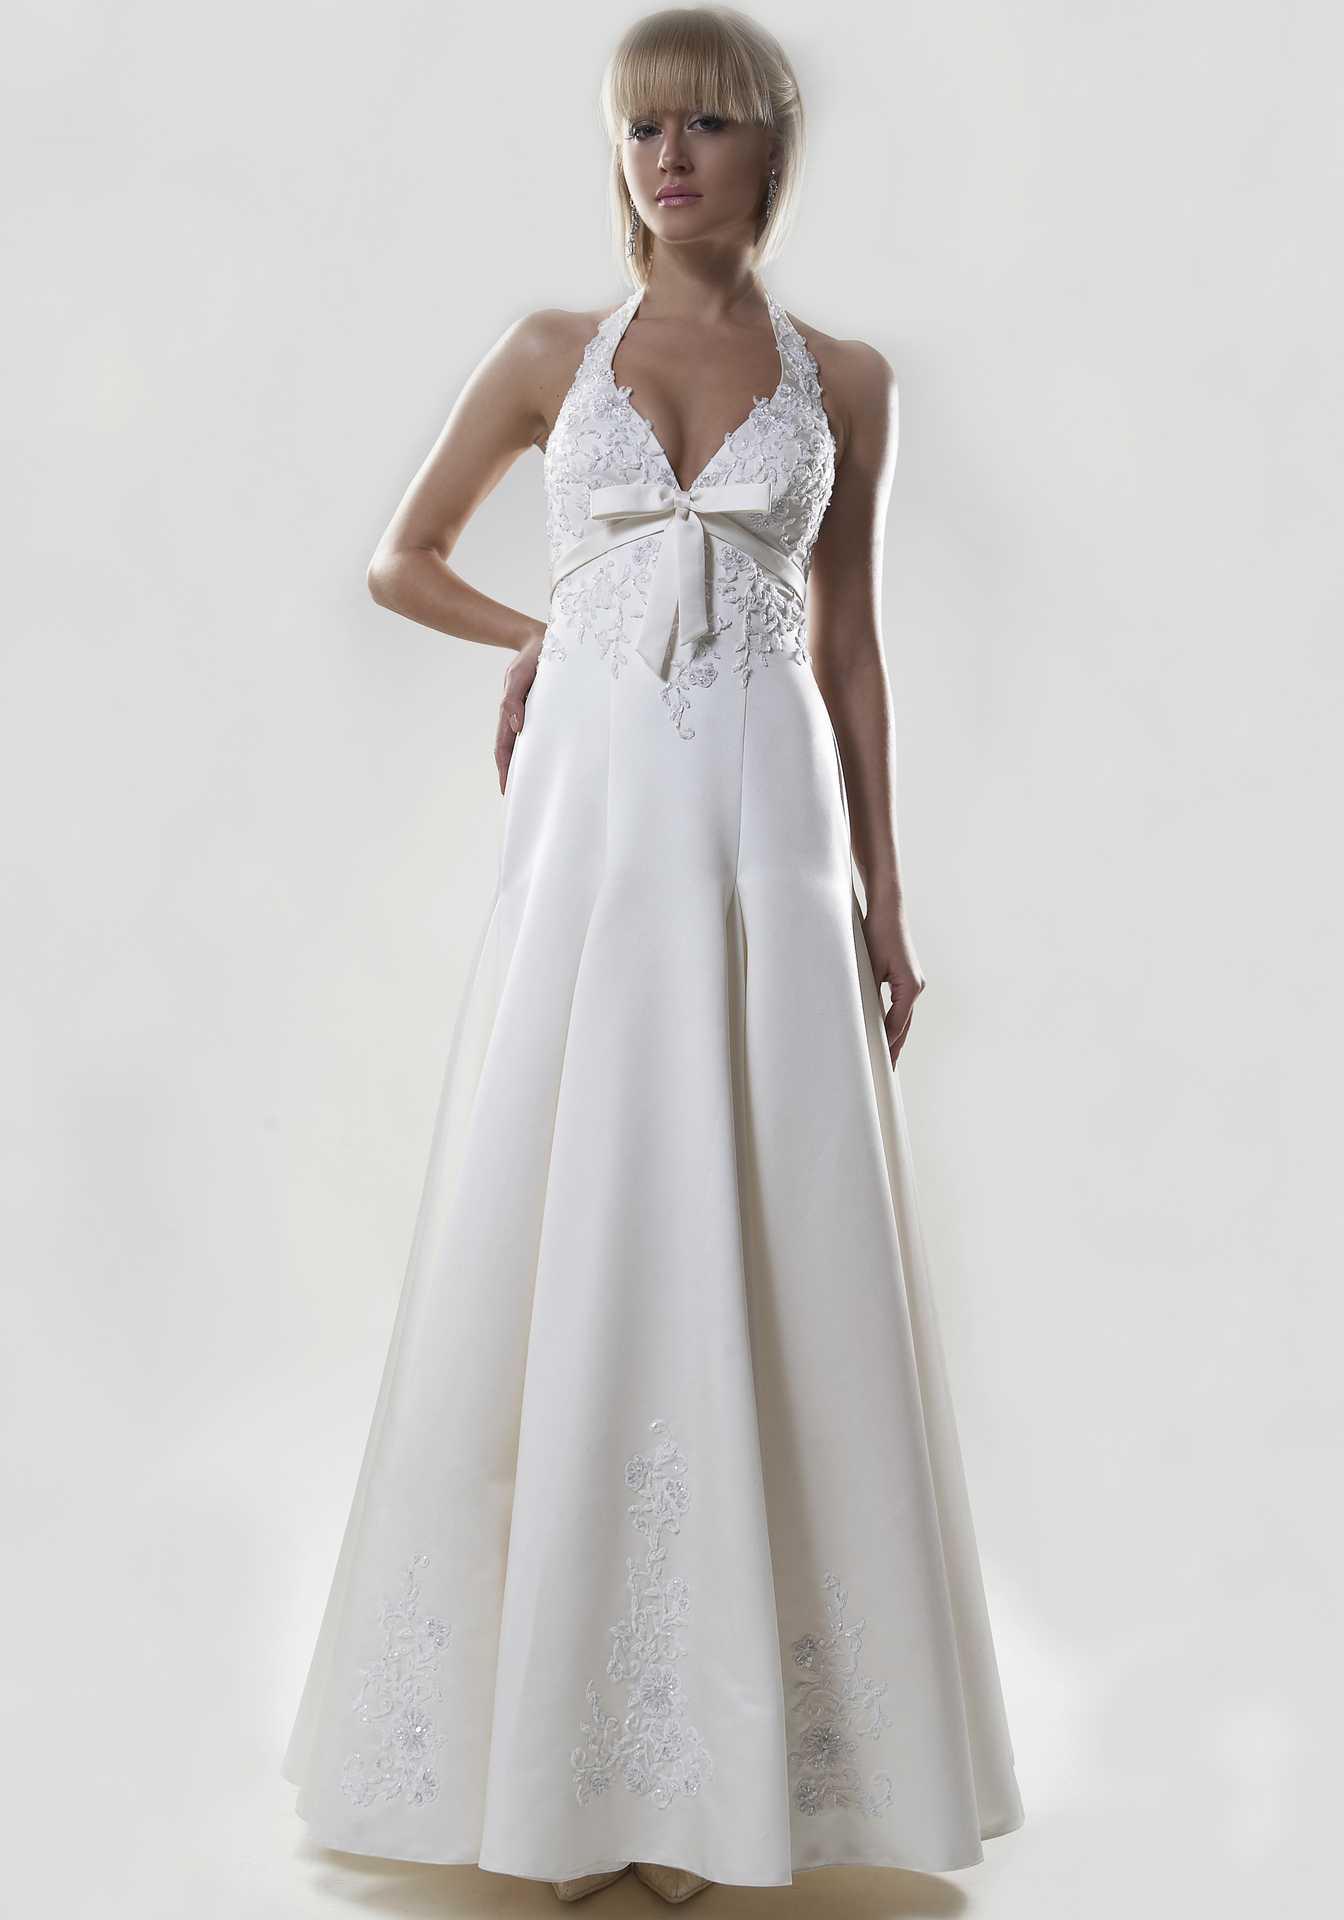 Свадебное платье купить в америке